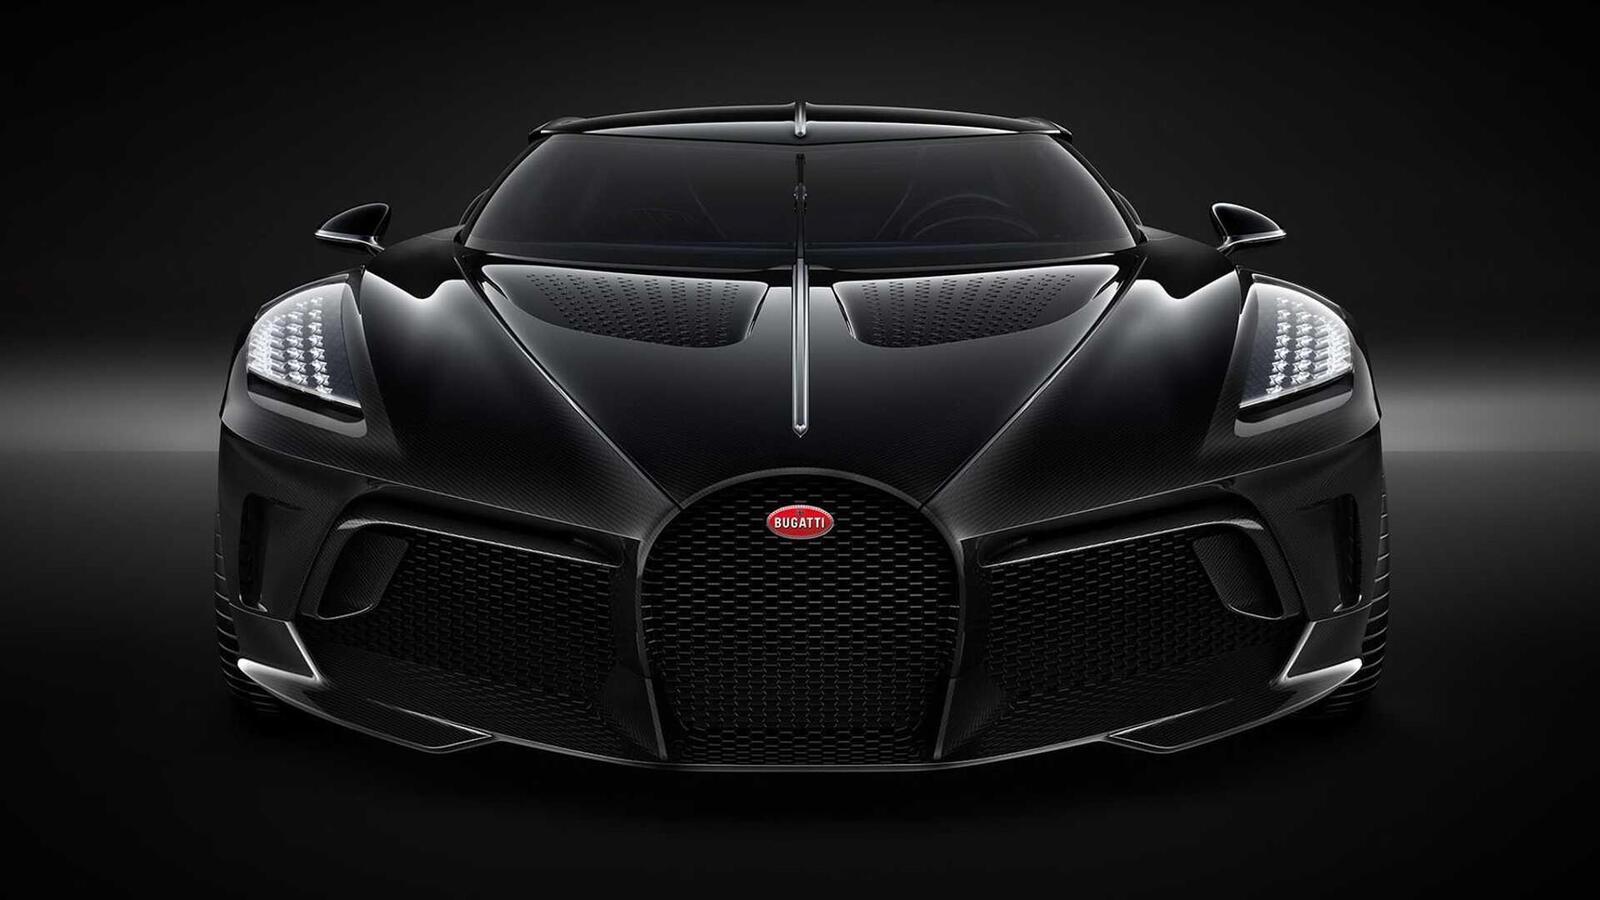 [GMS2019] Siêu phẩm Bugatti La Voatio Noire ra mắt: Chỉ một chiếc được sản xuất; giá hơn 259 tỷ đồng - Hình 3